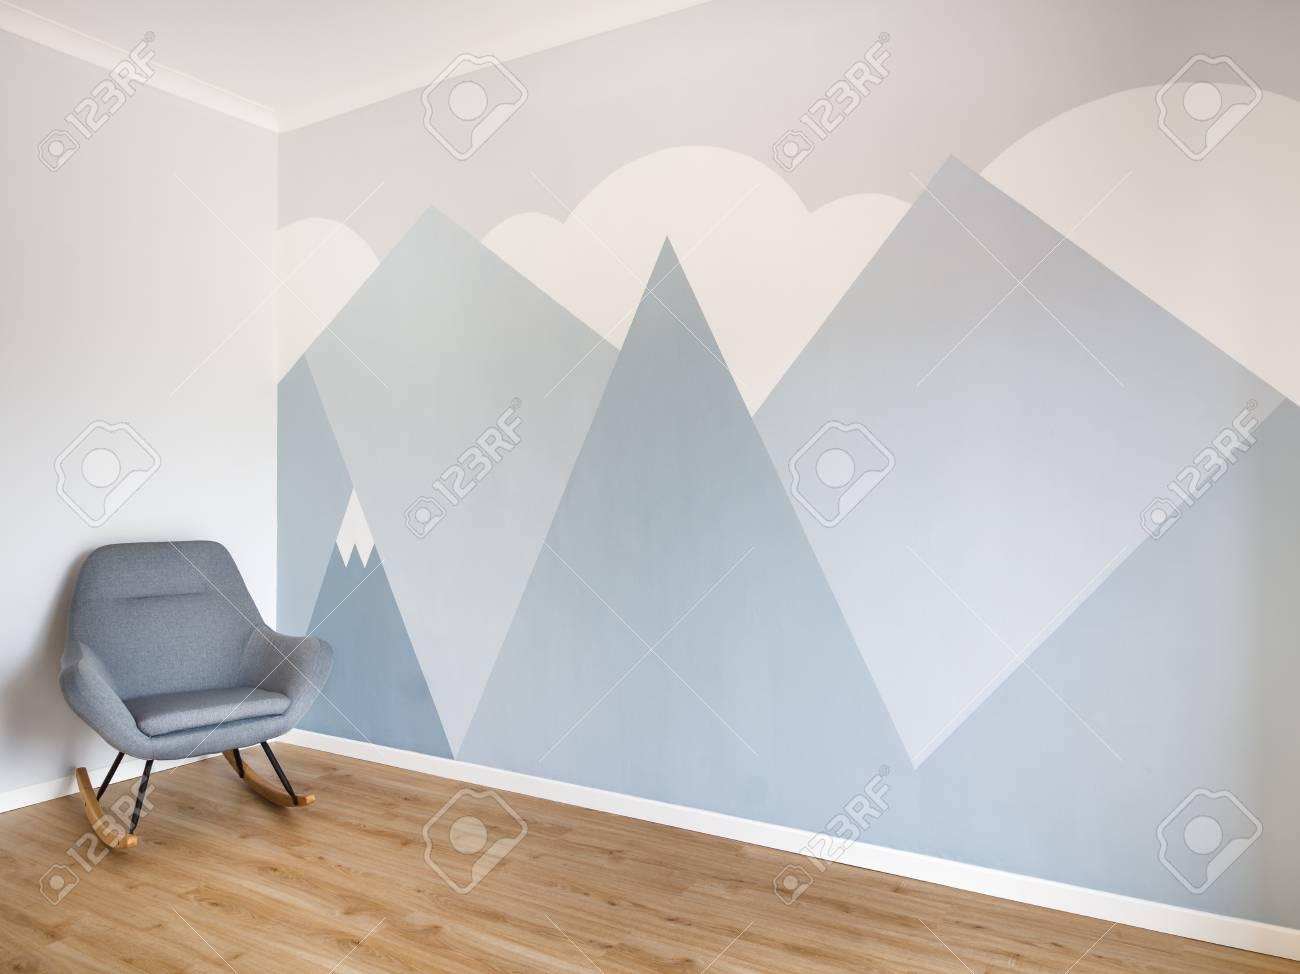 Angle De Plinthe Parquet plinthes blanches: plinthe sur carrelage mural